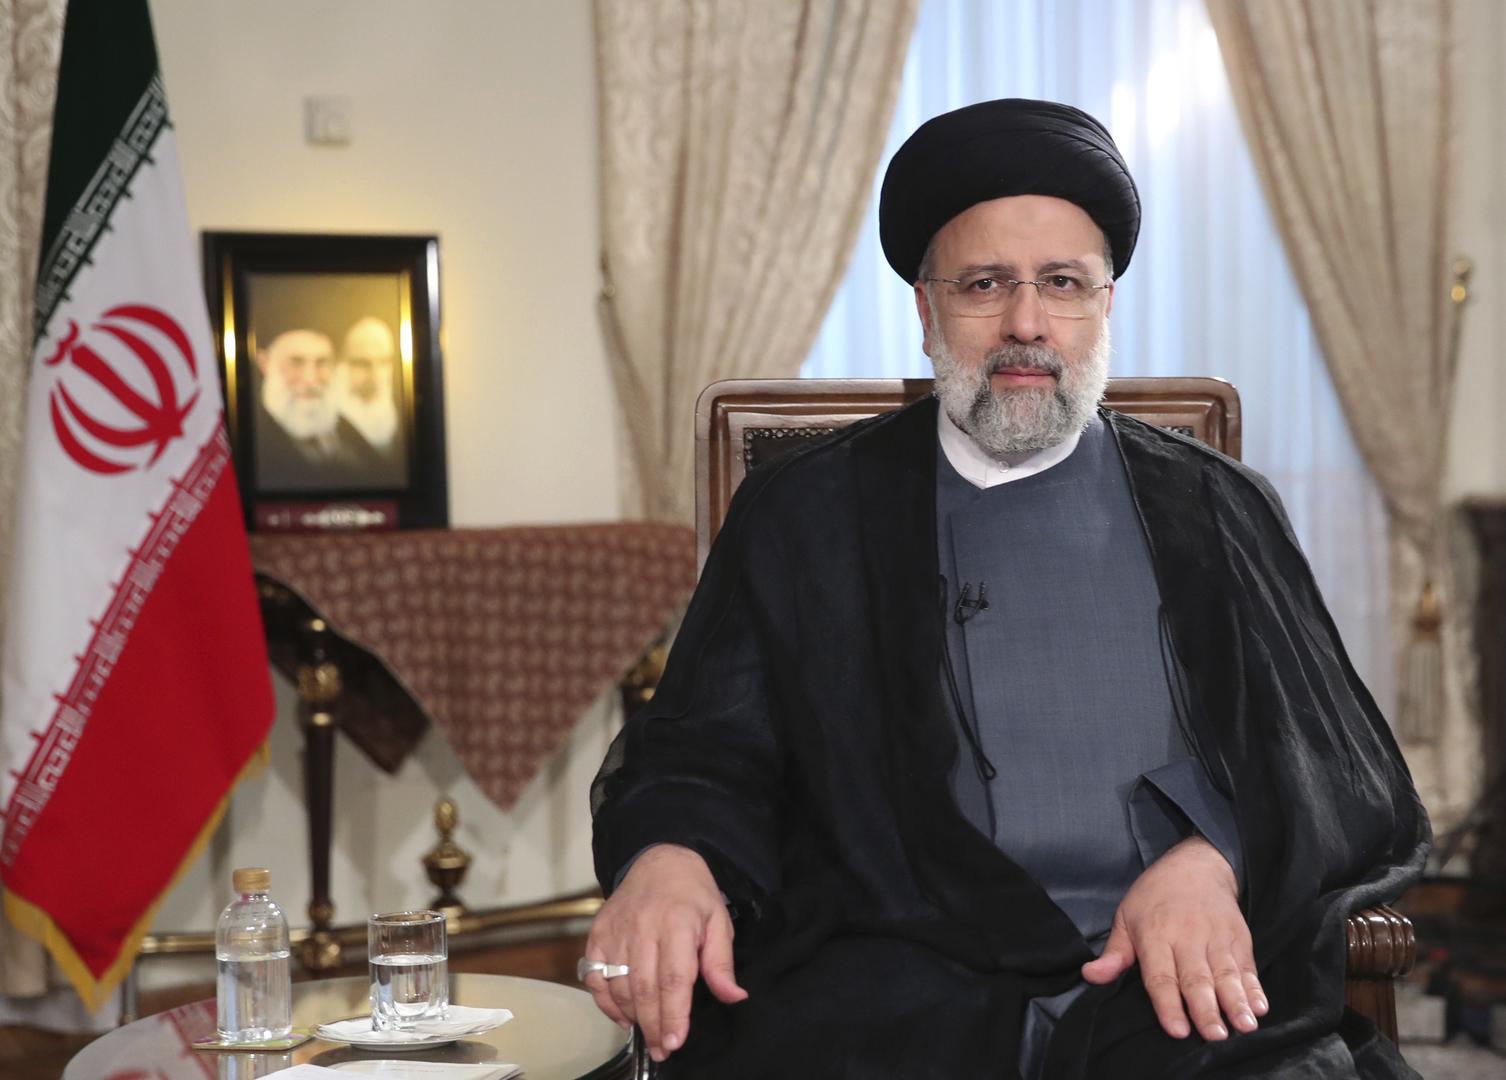 في أول زيارة خارجية له.. رئيسي من طاجيكستان يؤكد أن العقوبات المفروضة على إيران لم تمنعها من التقدم